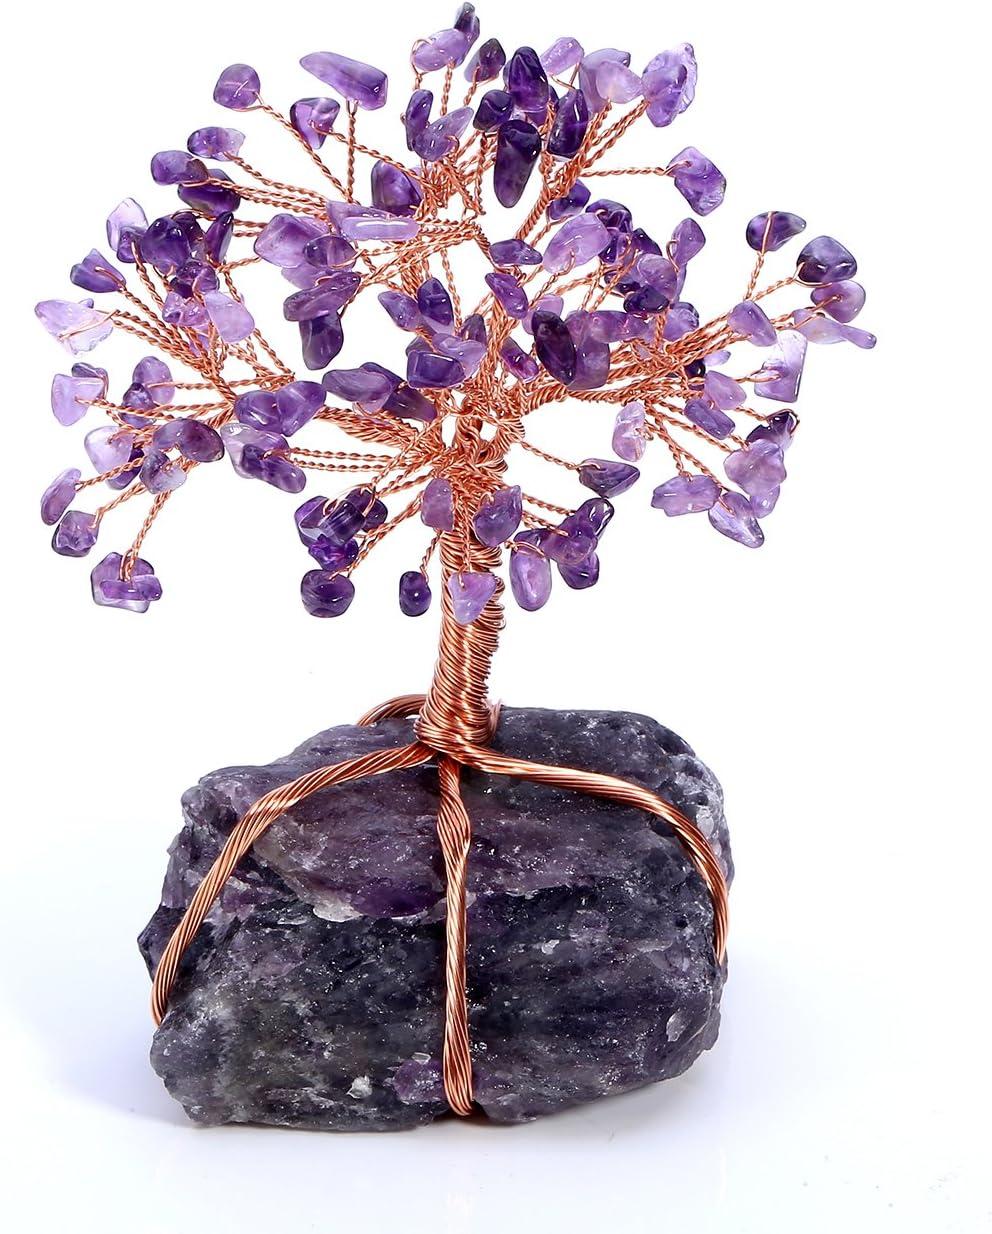 JSDDE - Adorno de árbol de la Vida con Piedras de Cristal Natural, árbol de Dinero de curación Reiki Feng Shui, decoración de Piedras Preciosas, Vidrio, Amatista